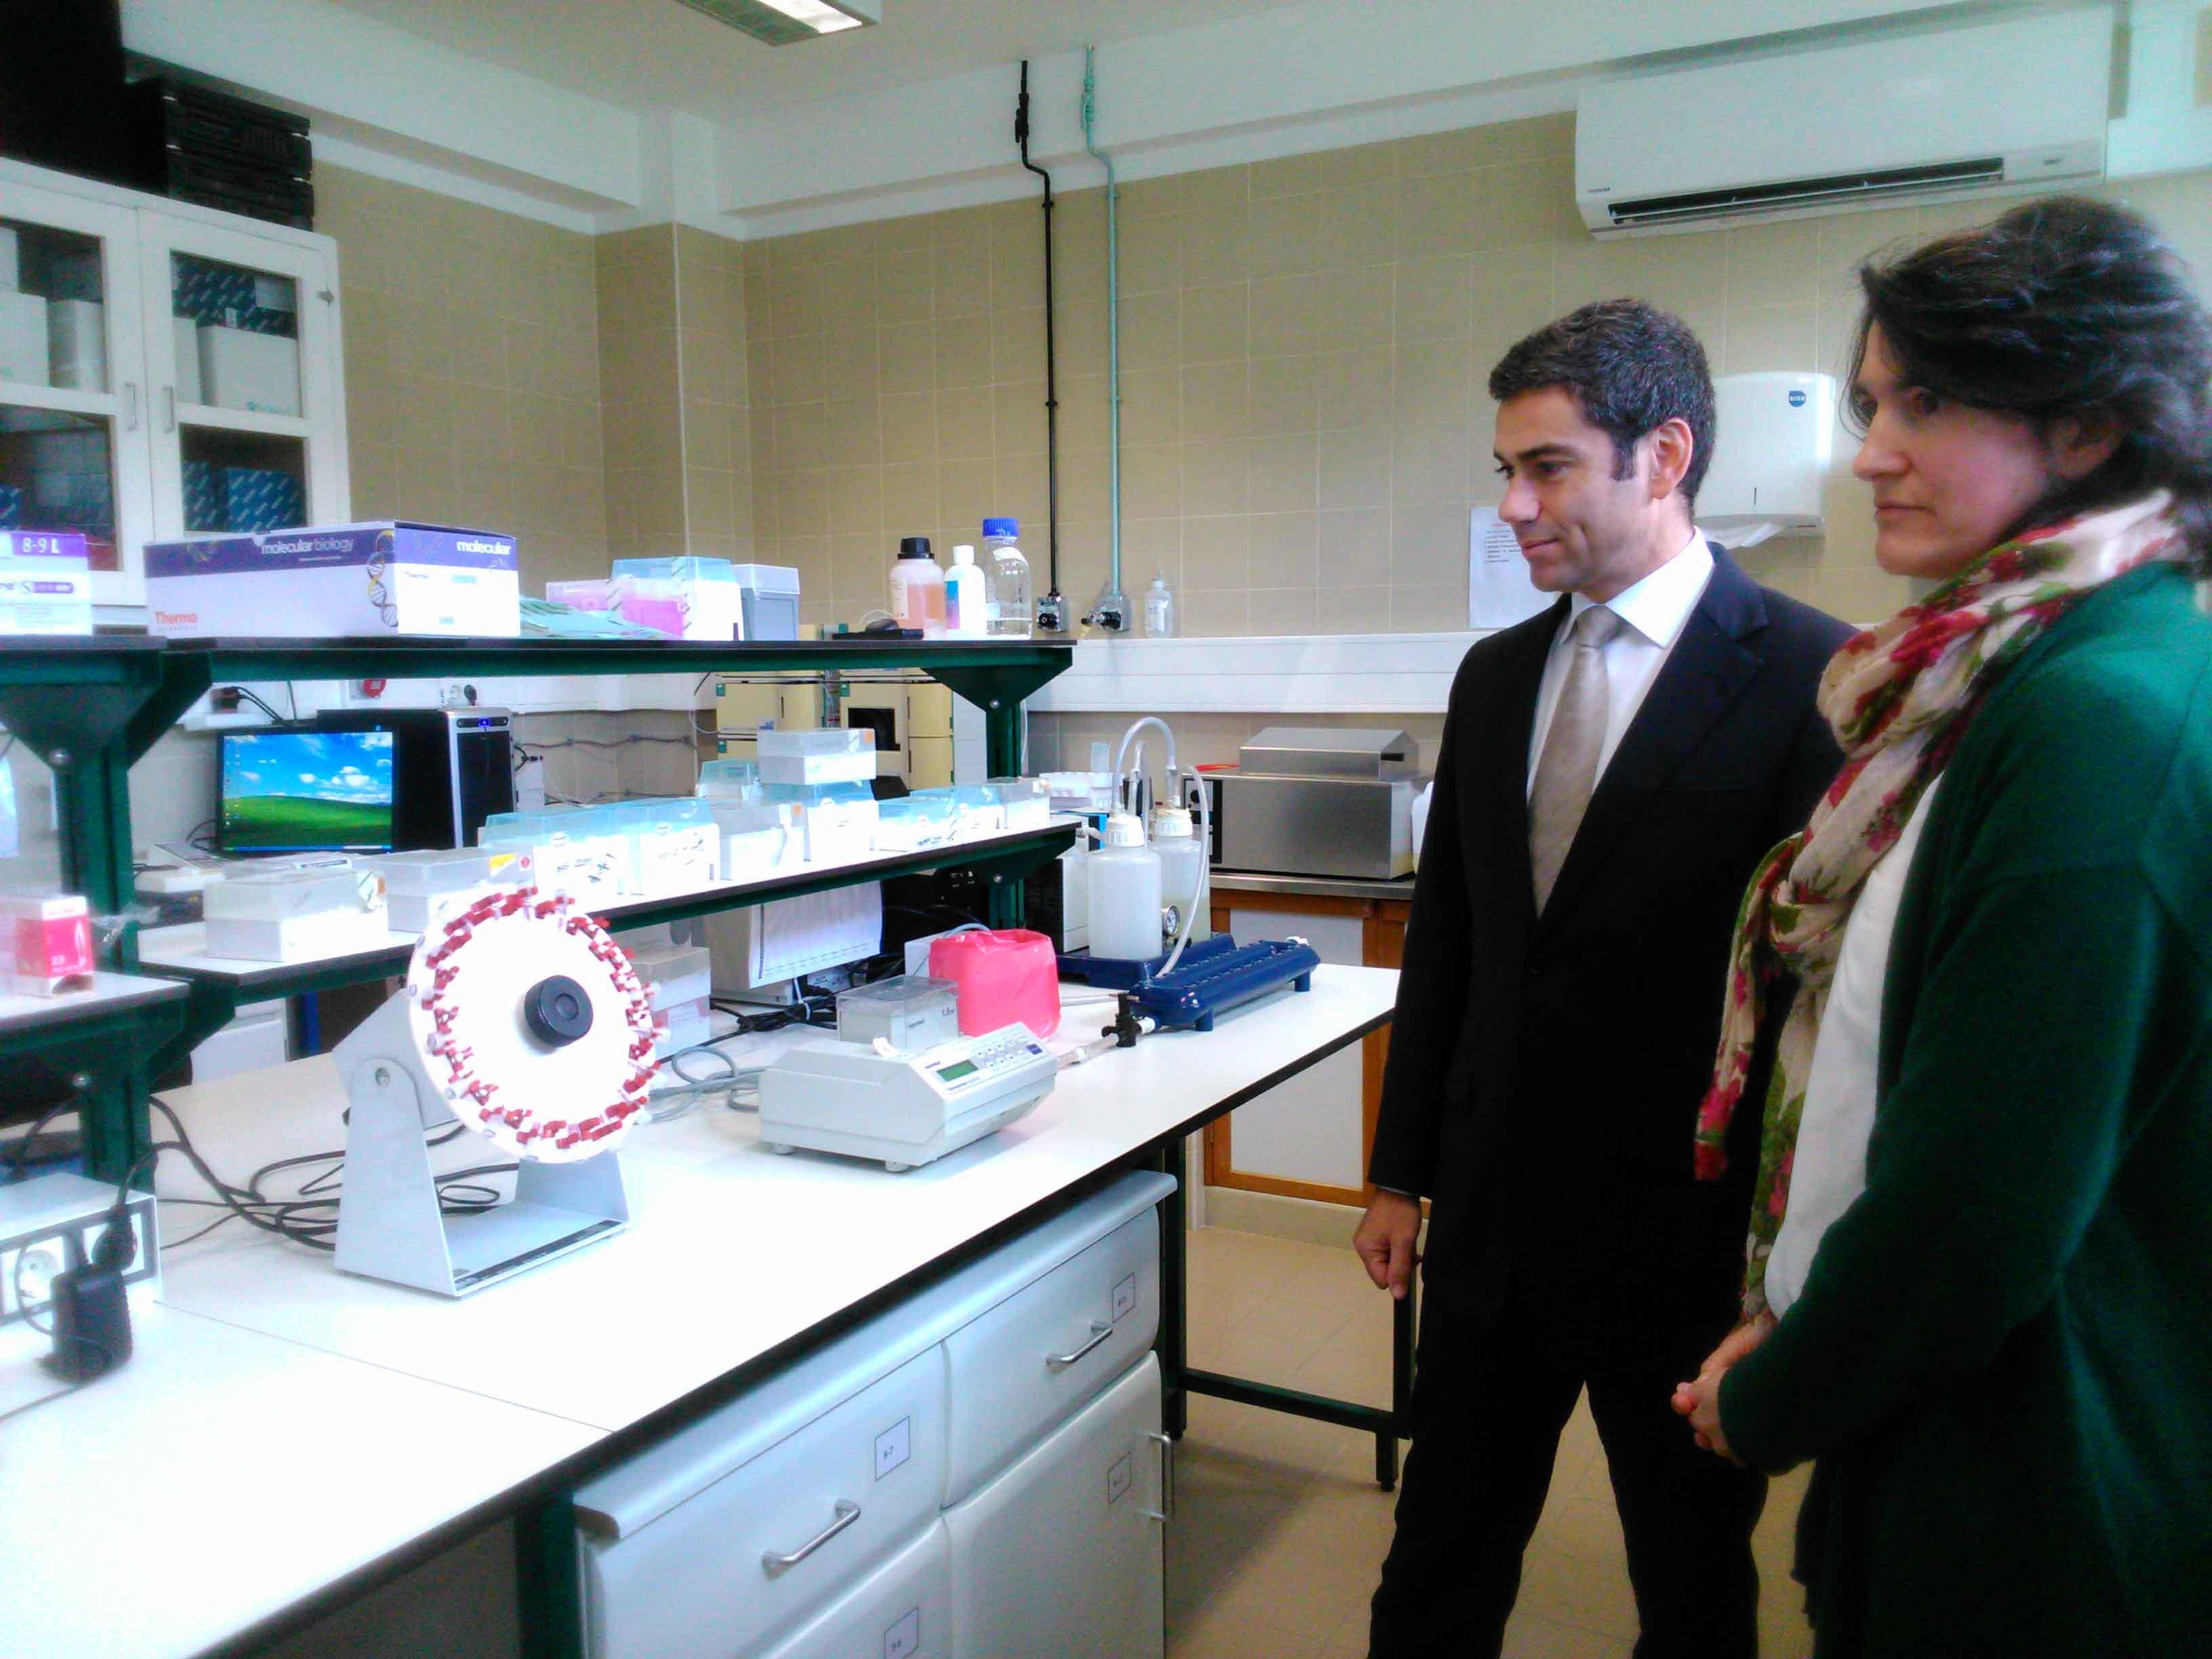 Governo dos Açores apoia funcionamento de centros de investigação científica